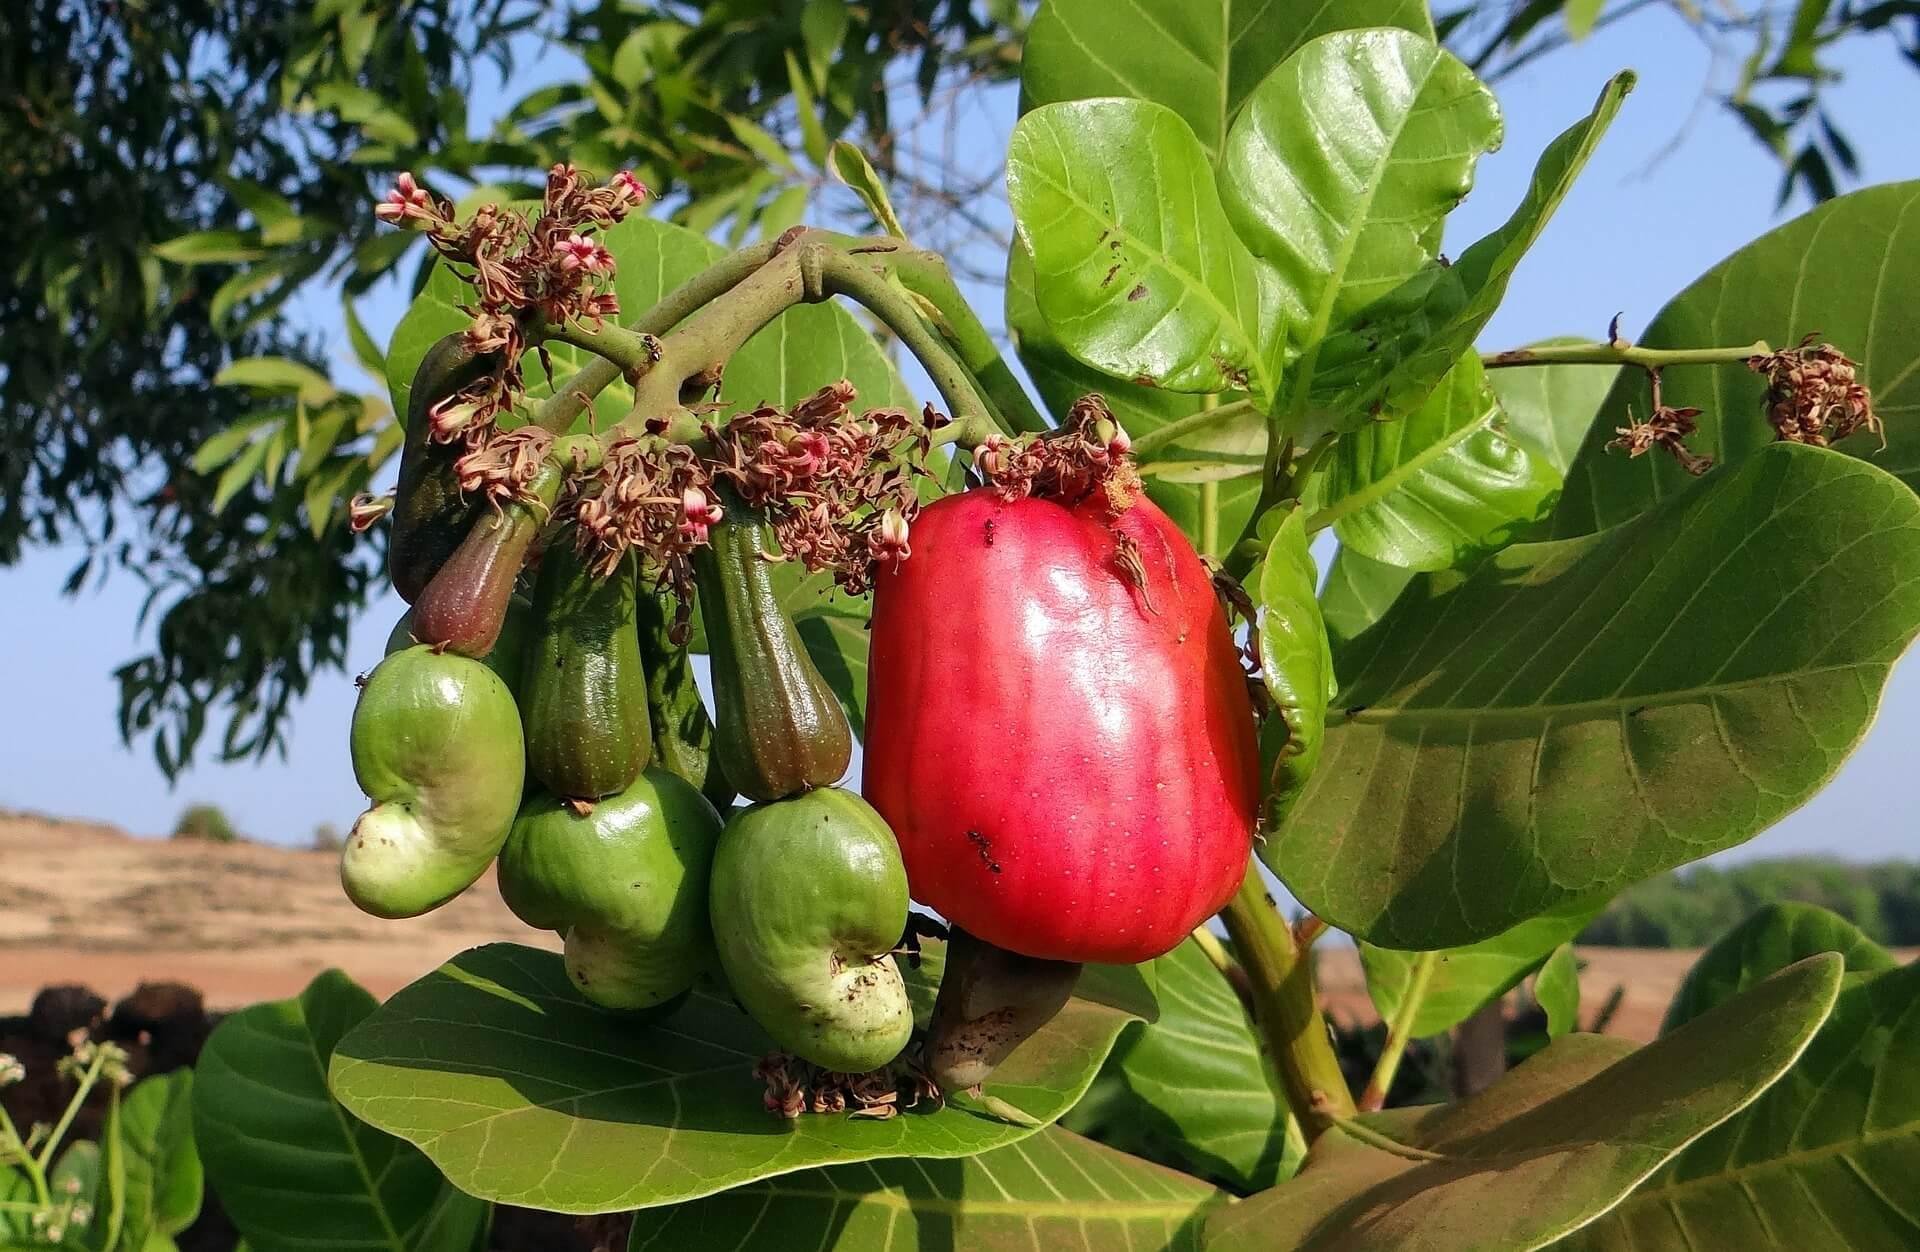 Der Cashewapfel in Paprikaform und fleischigem Fruchtstiel